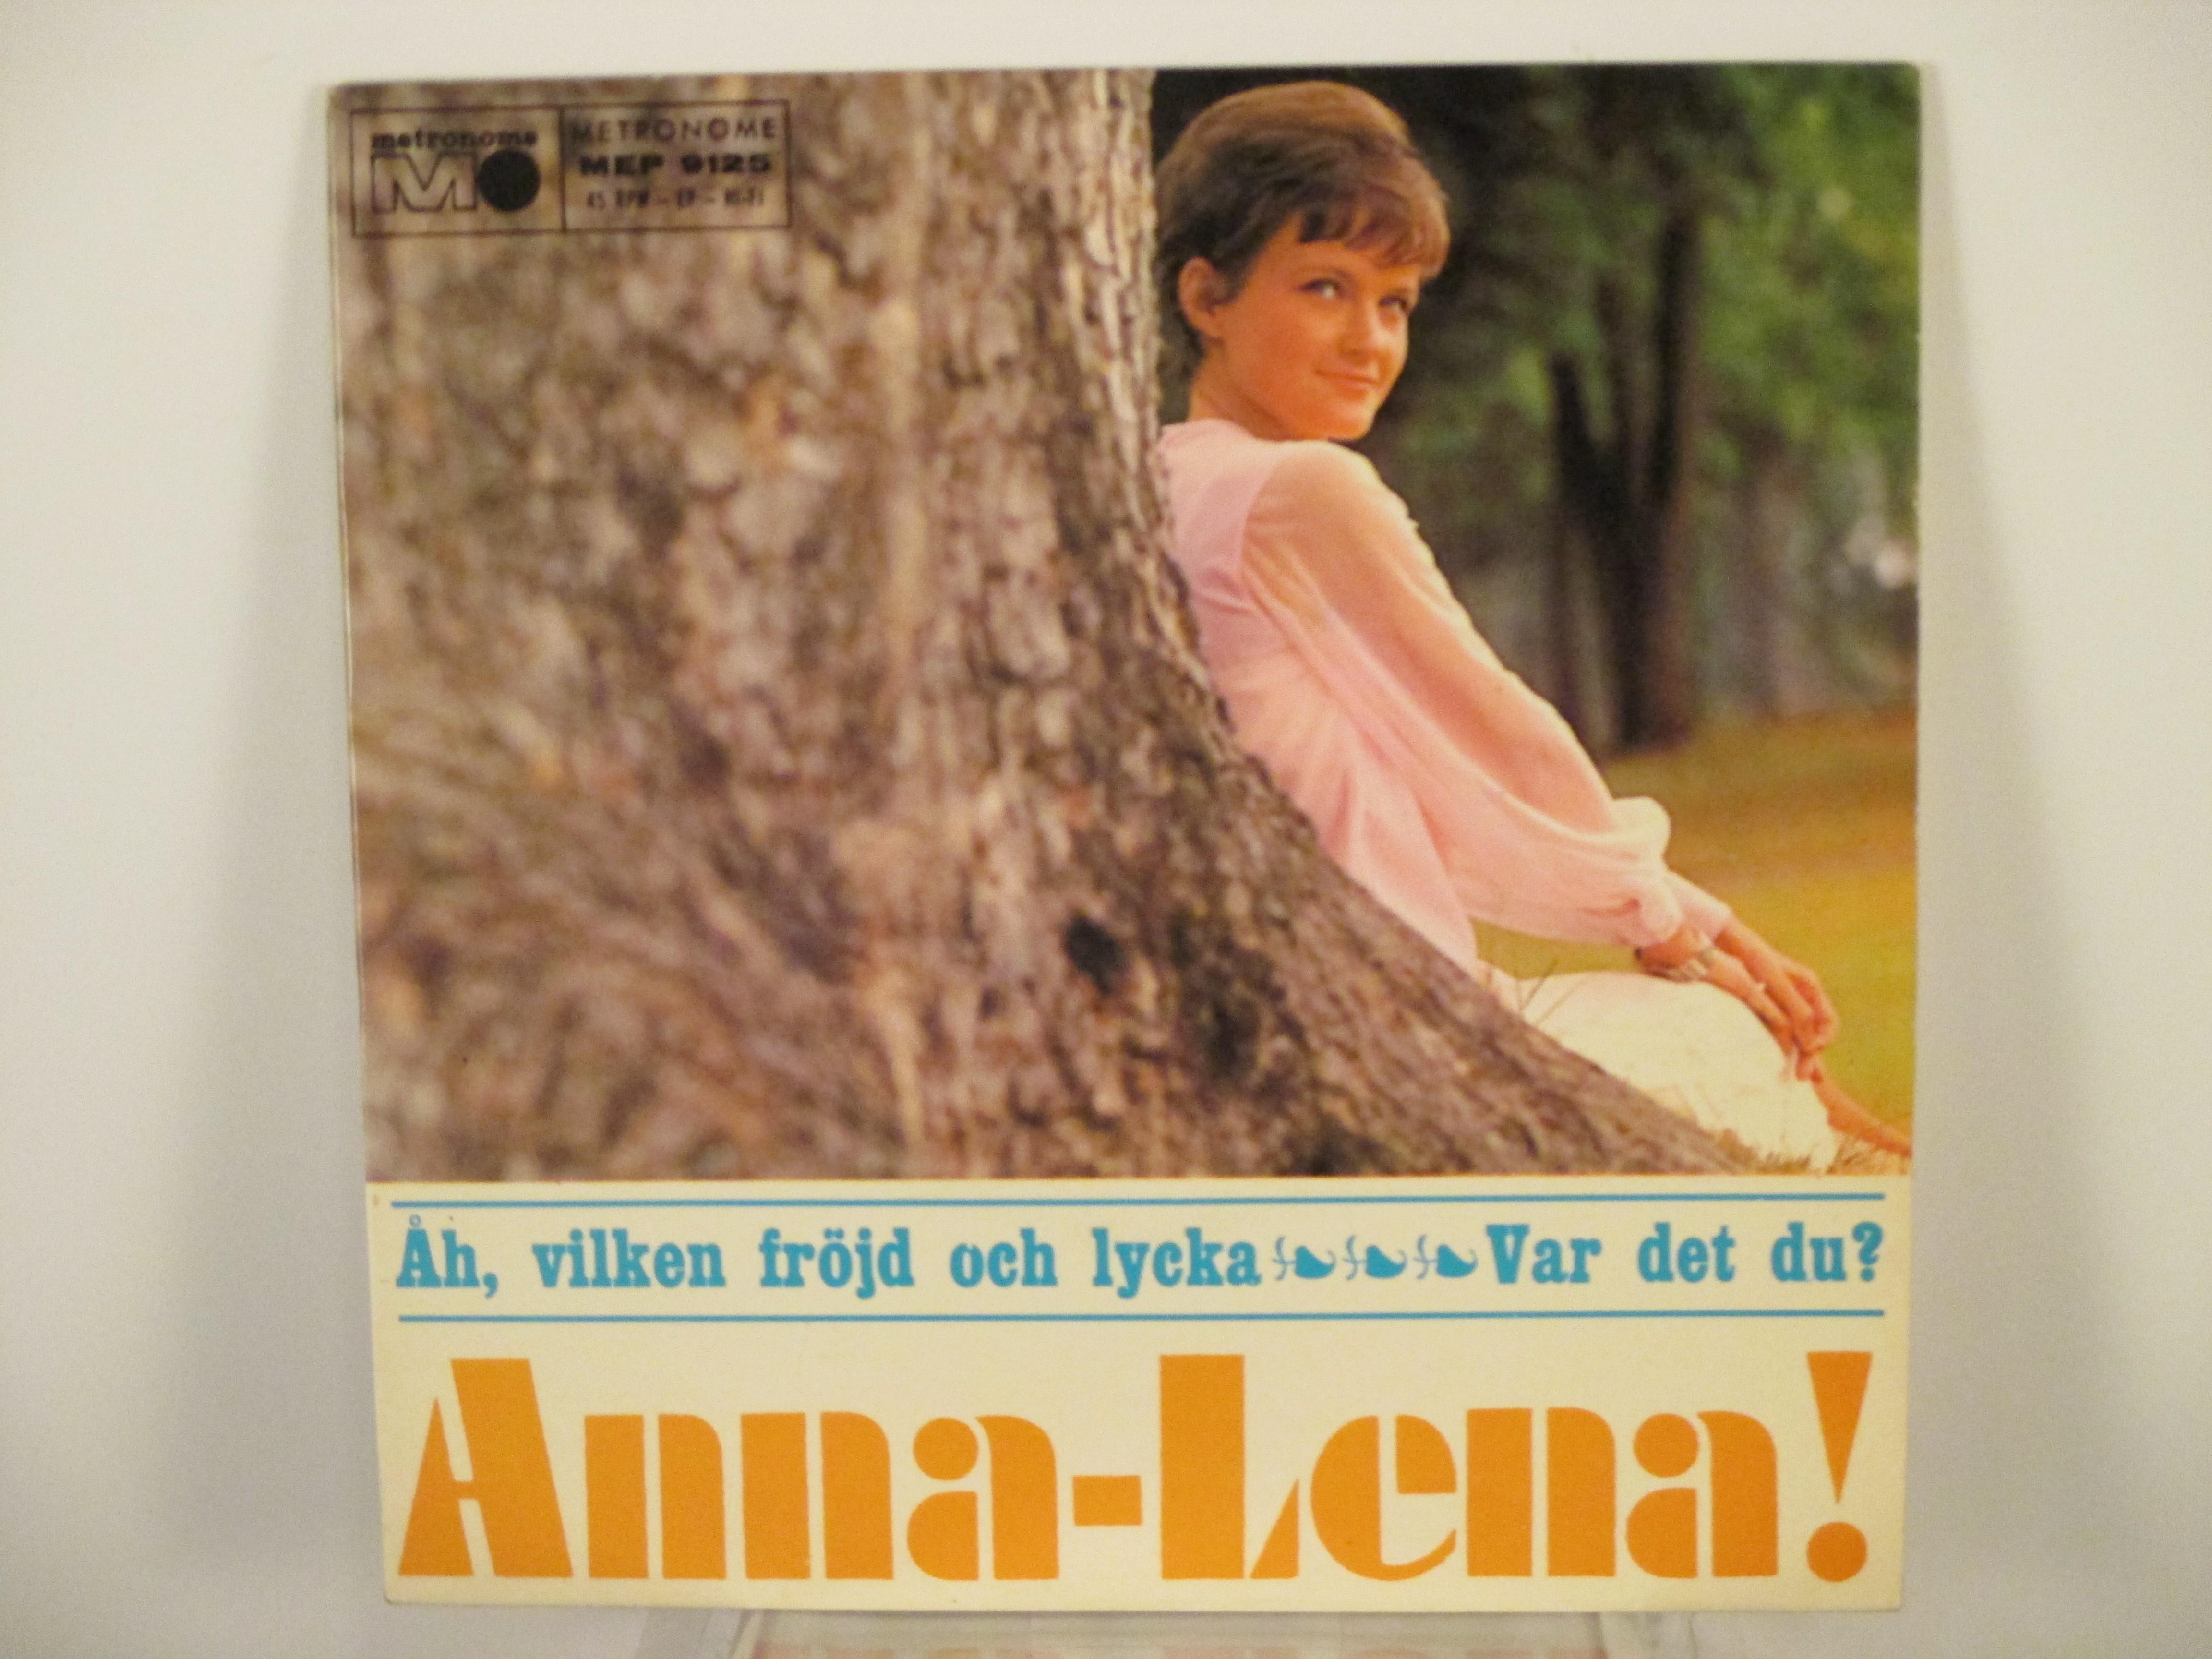 ANNA-LENA LÖFGREN : (EP) Åh, vilken fröjd och lycka / Vad det du?/Aldrig mer